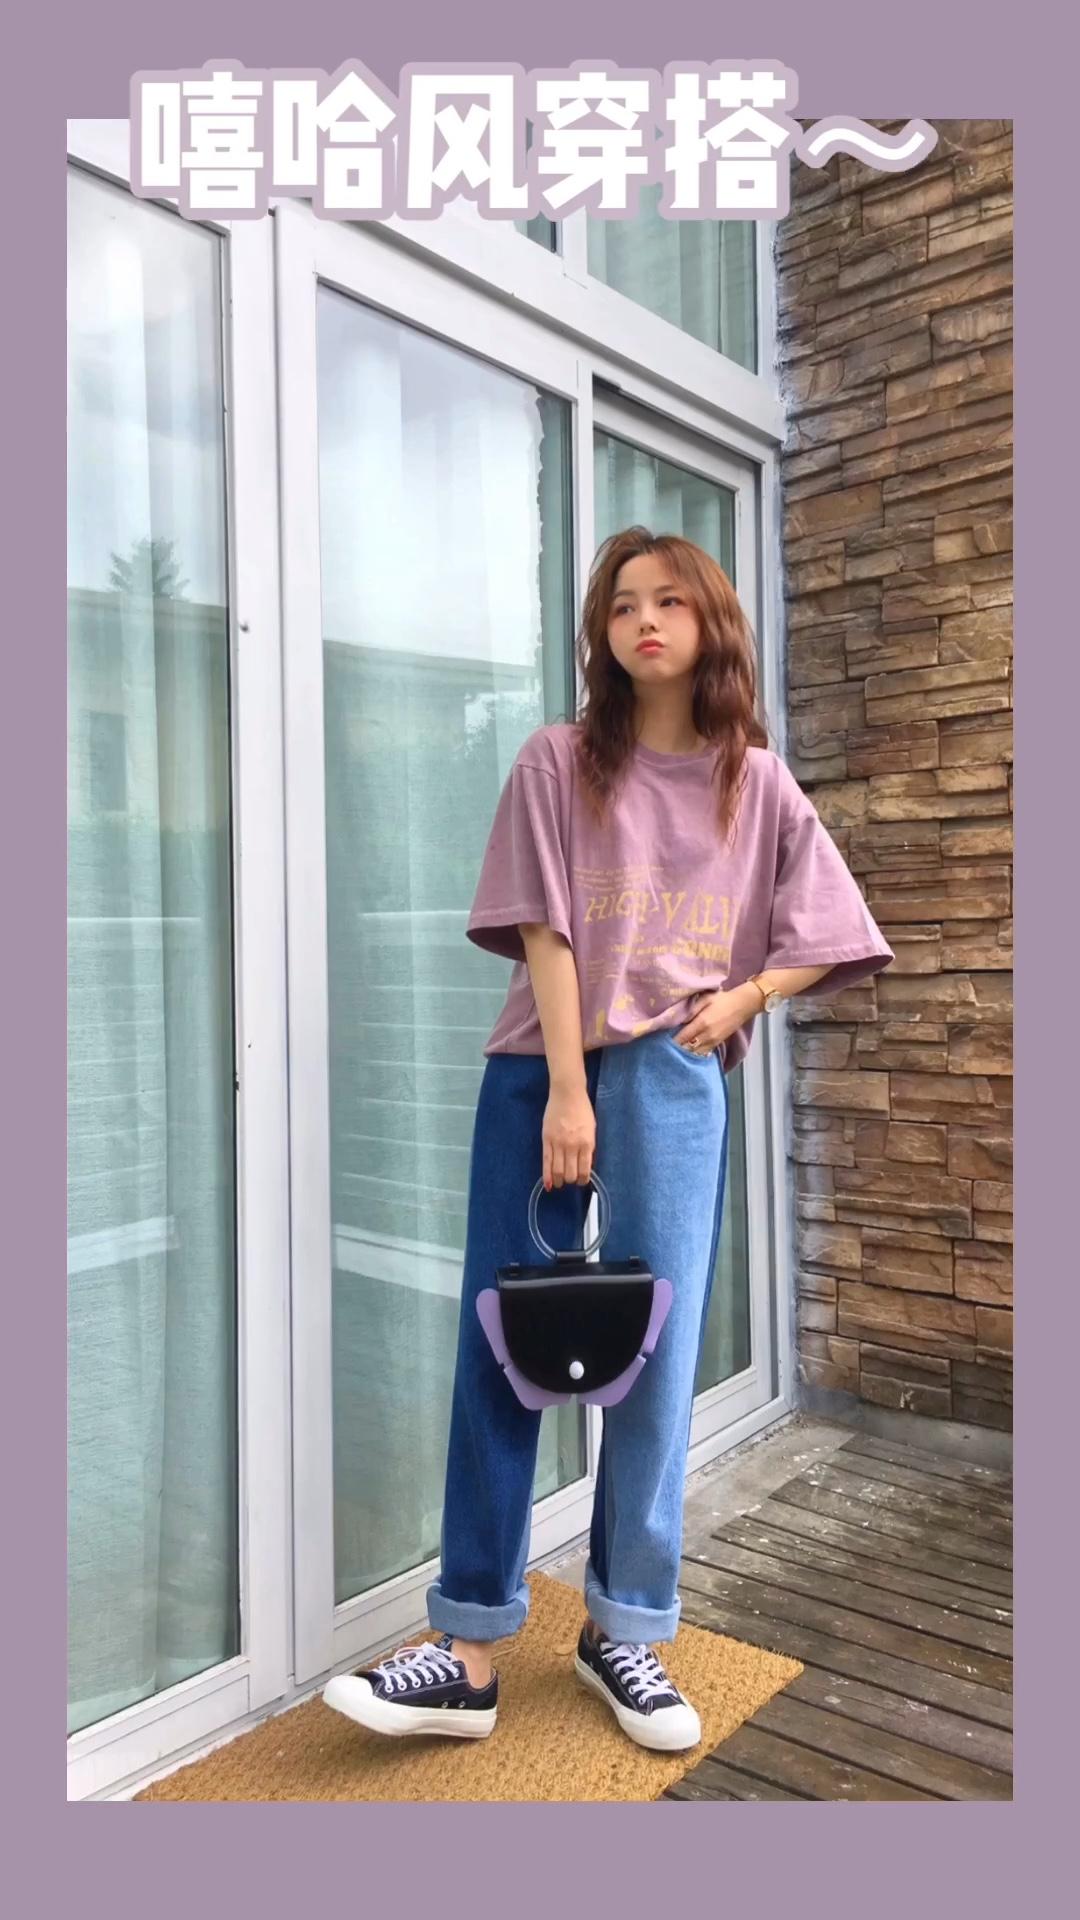 摄影:小鲸鱼 场地:山月空间 #蘑菇街新品测评# T恤牛仔裤可以说是夏季必备品了吧 宽松的牛仔裤可以遮盖我们腿不直的这个小缺点 建议人手一条哦